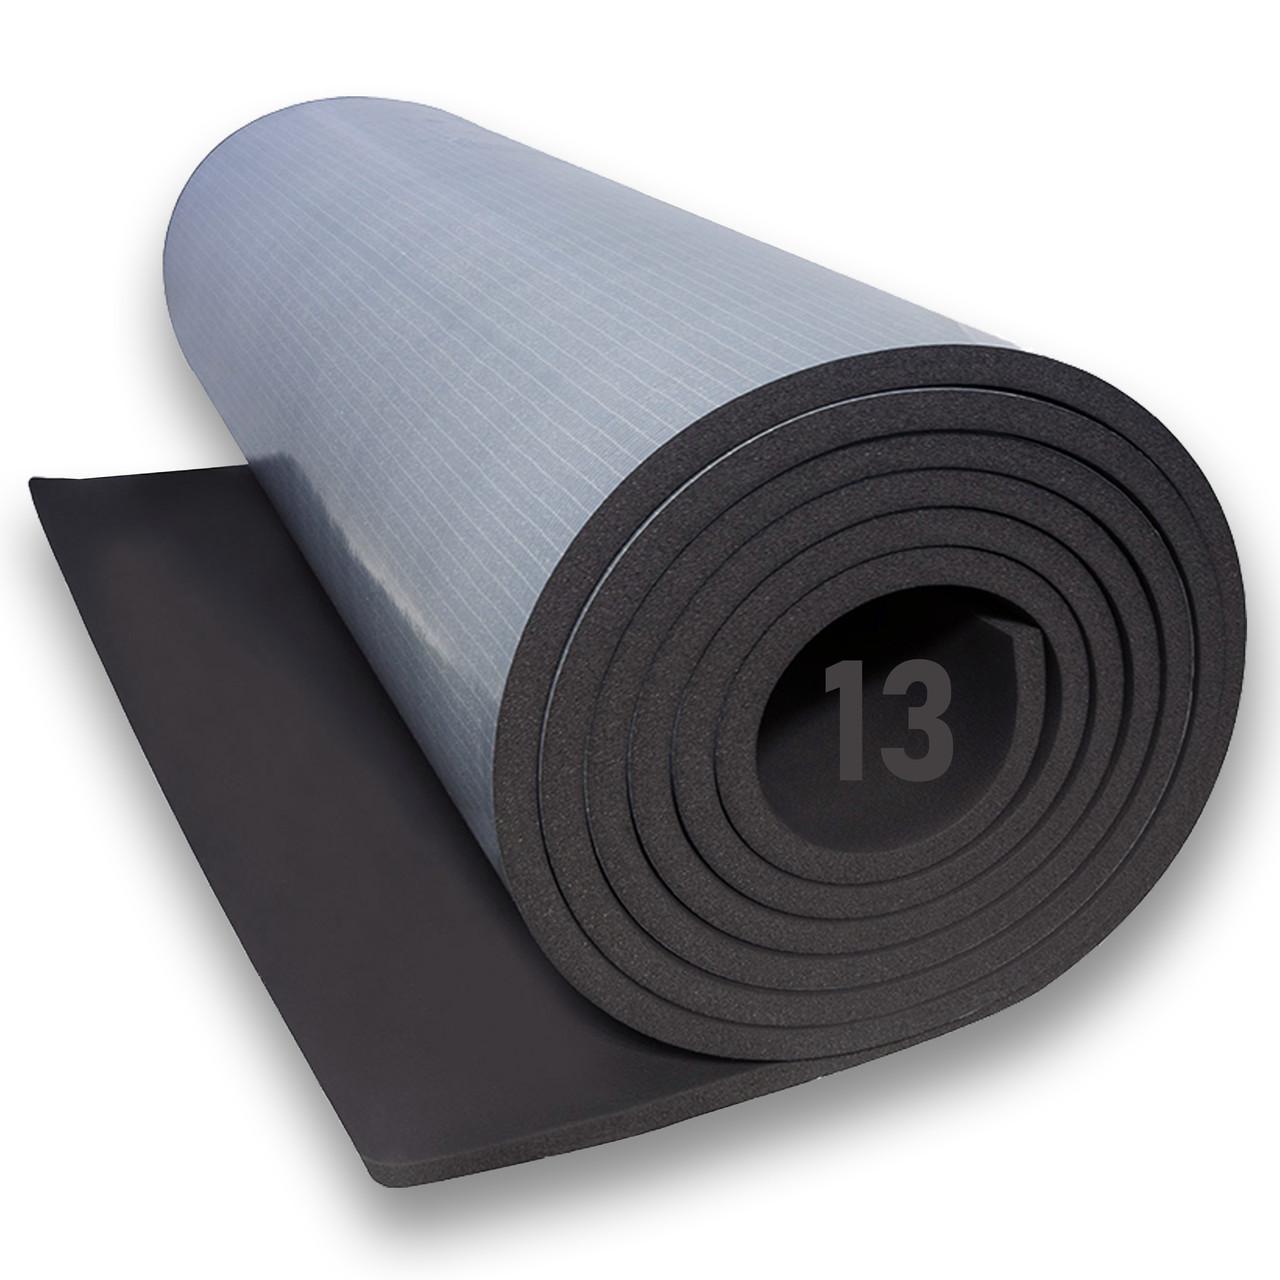 Вспененный каучук самоклеящийся 13 мм цена за рулон